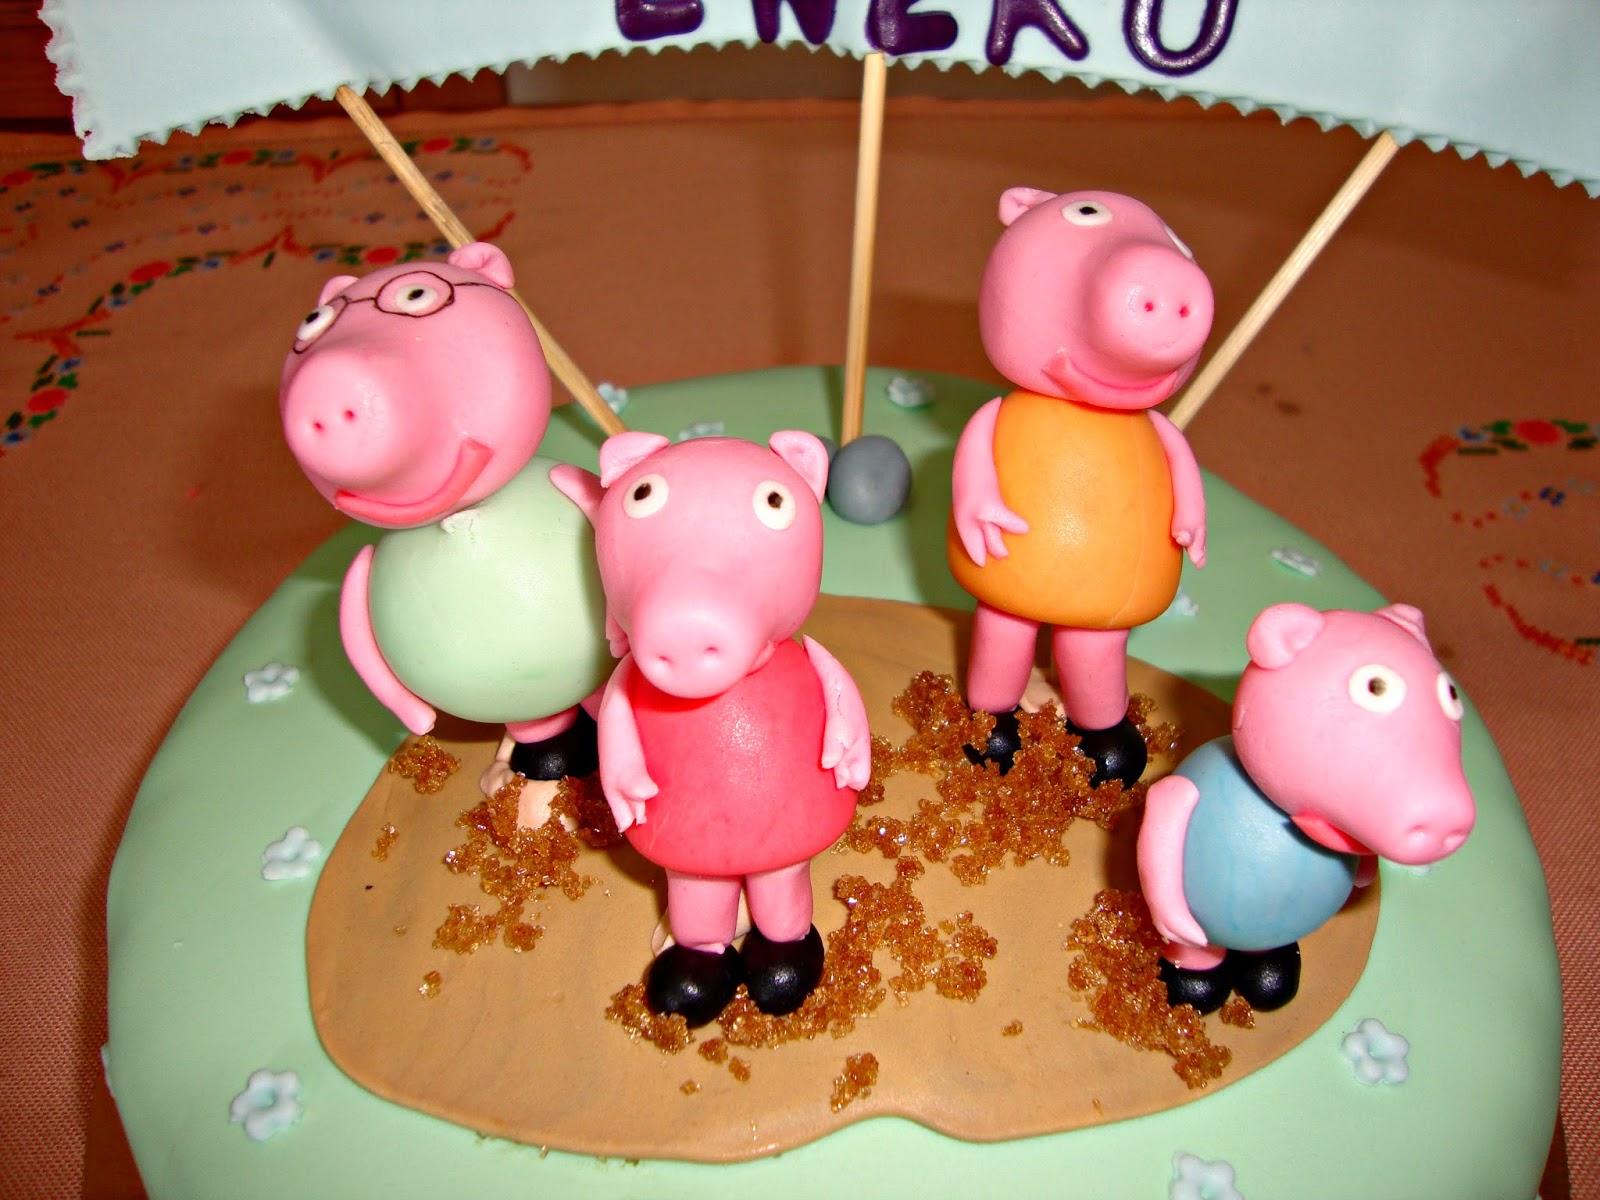 Familia Peppa Pig en charco de barro de fondant